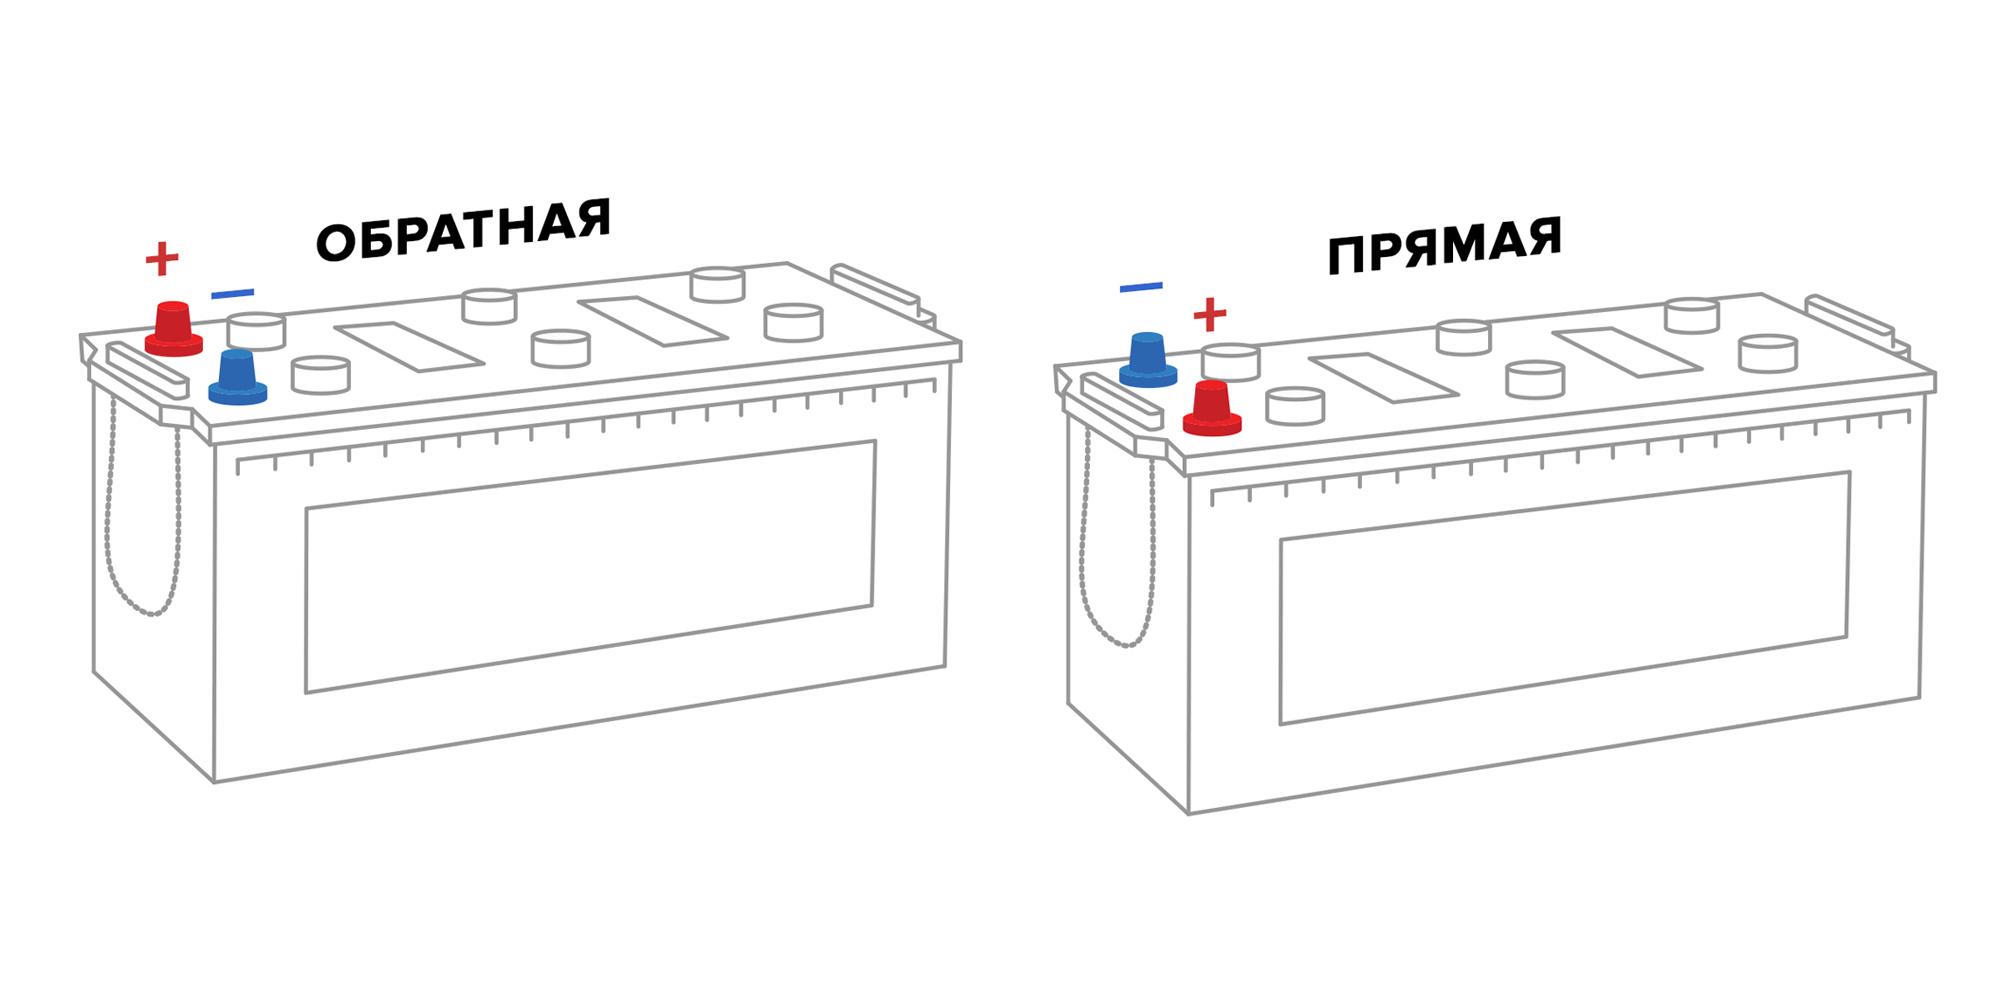 Полярность аккумулятора - что означает и как правильно определить полярность? | аккумуляторы и батареи